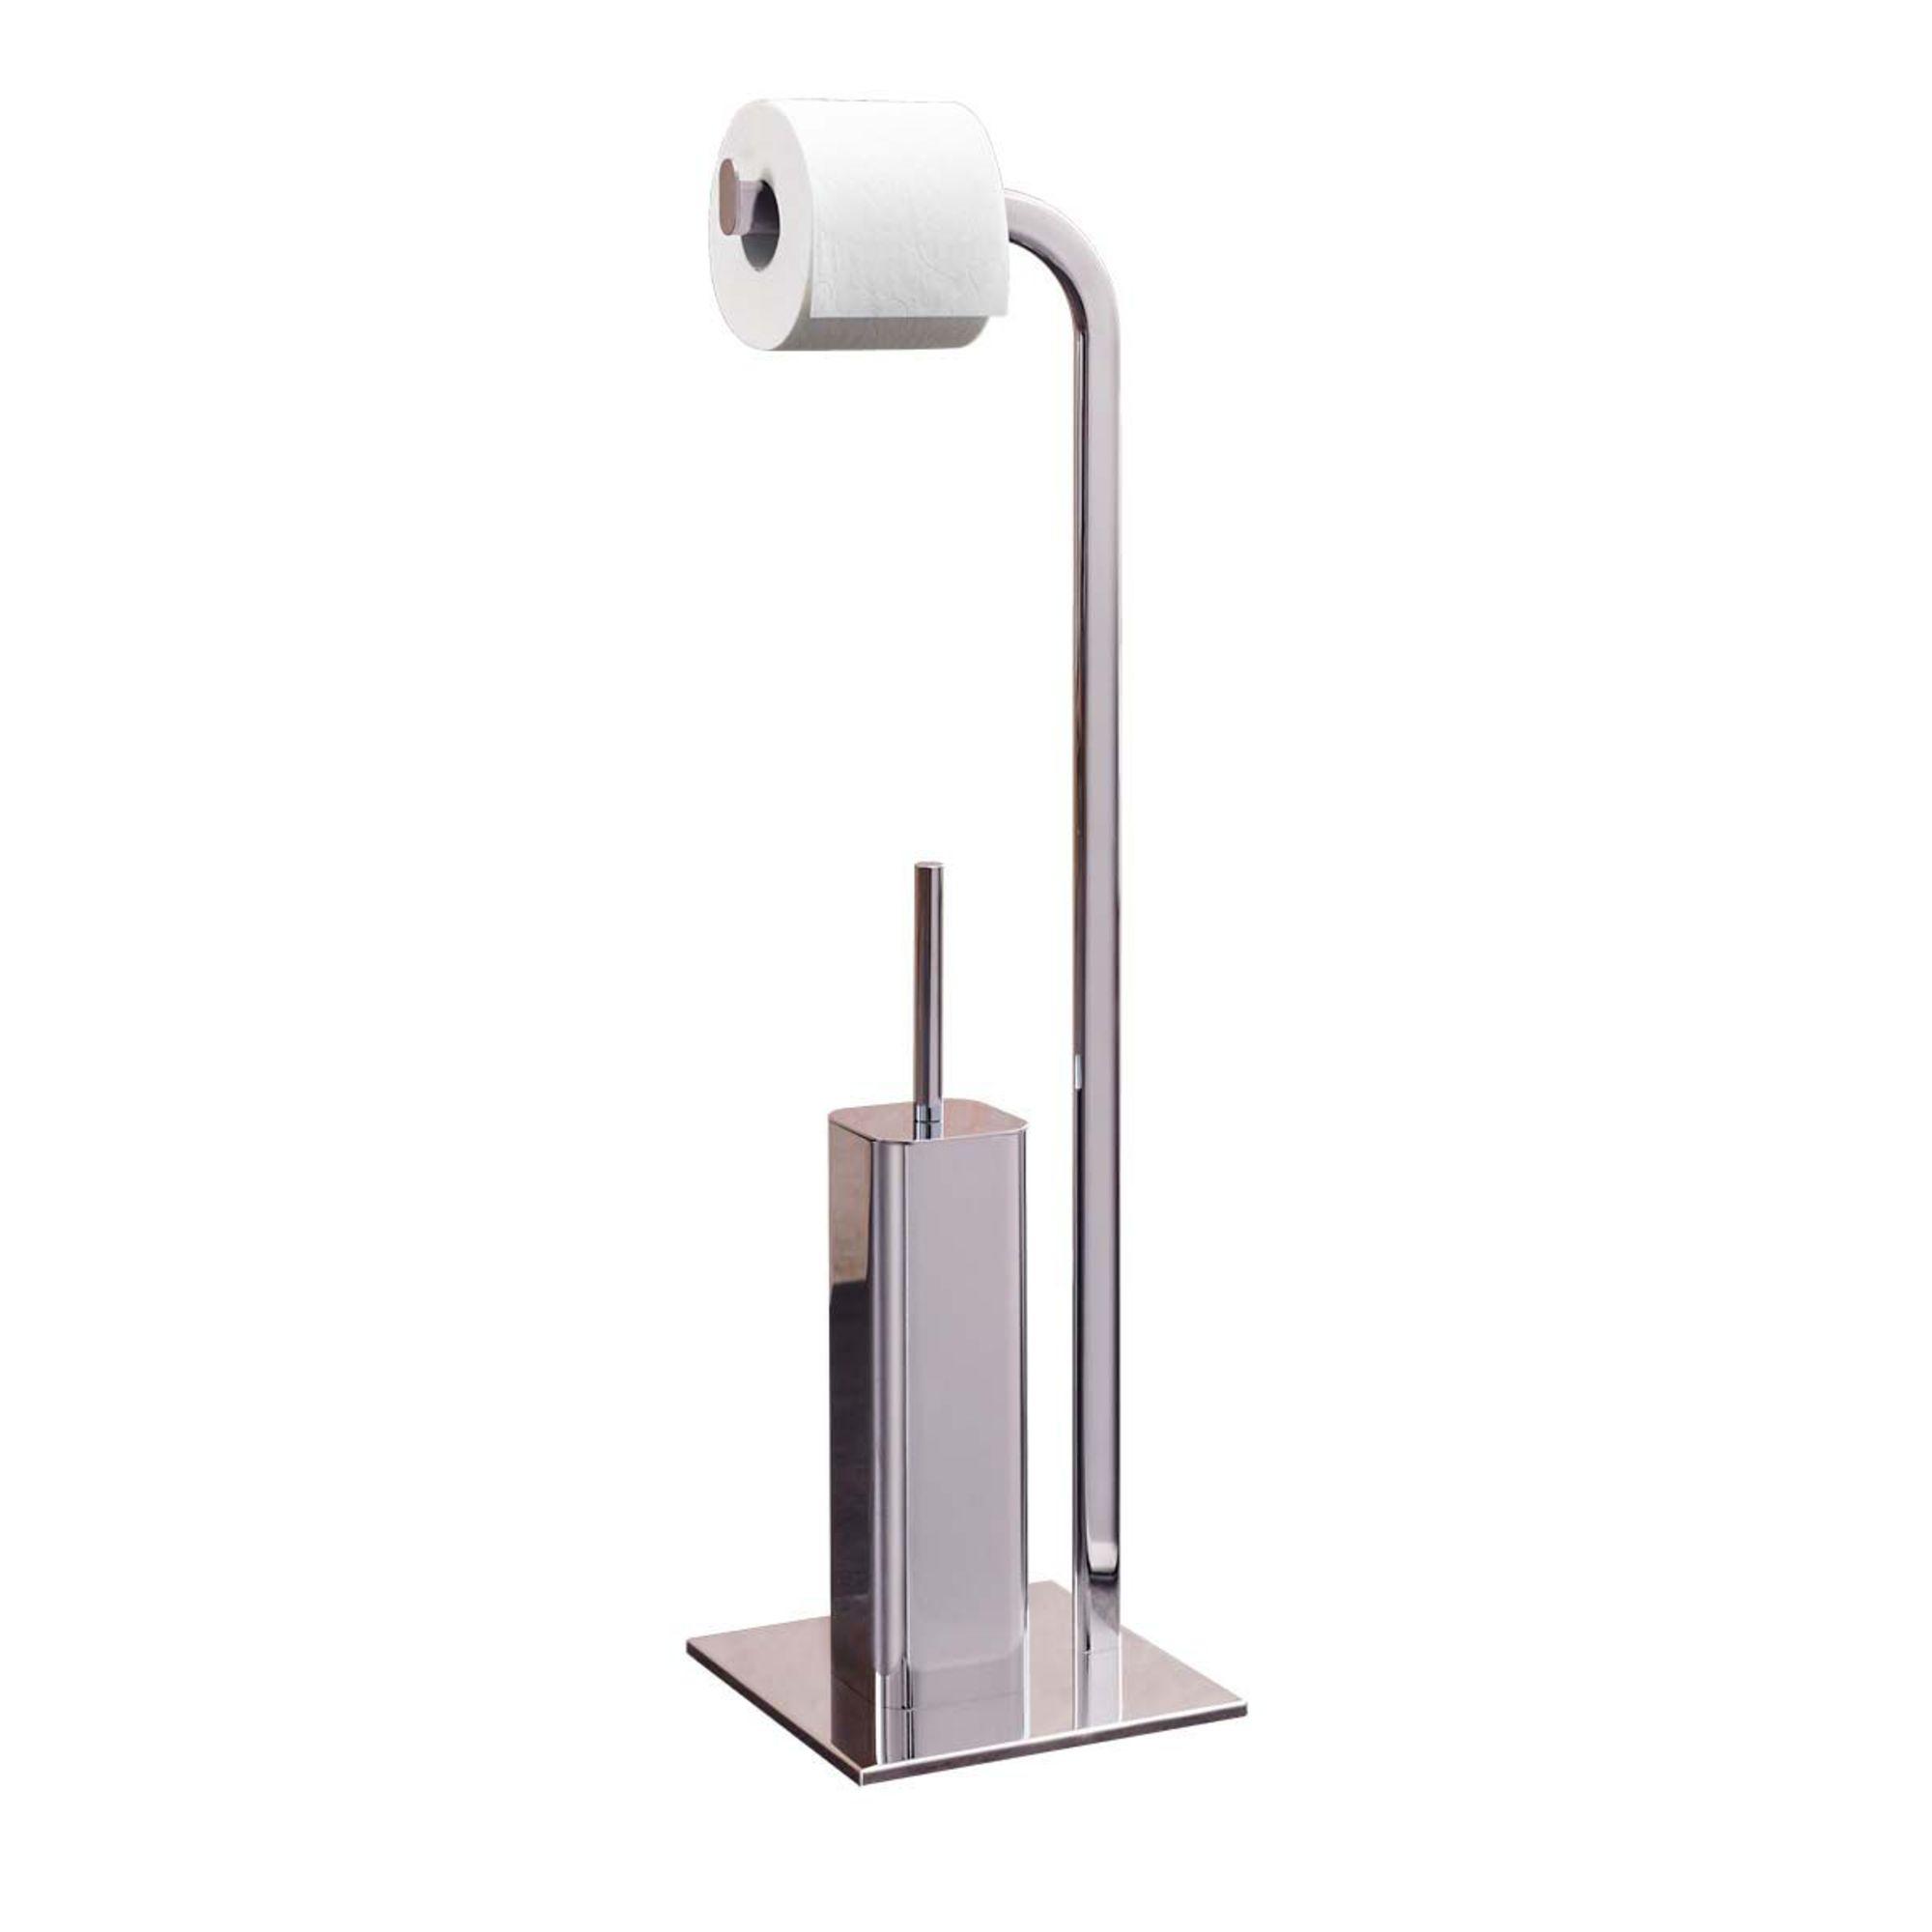 stand toilettenpapierhalter b rstenst nder aus verchromten metall mit wc b rste ebay. Black Bedroom Furniture Sets. Home Design Ideas